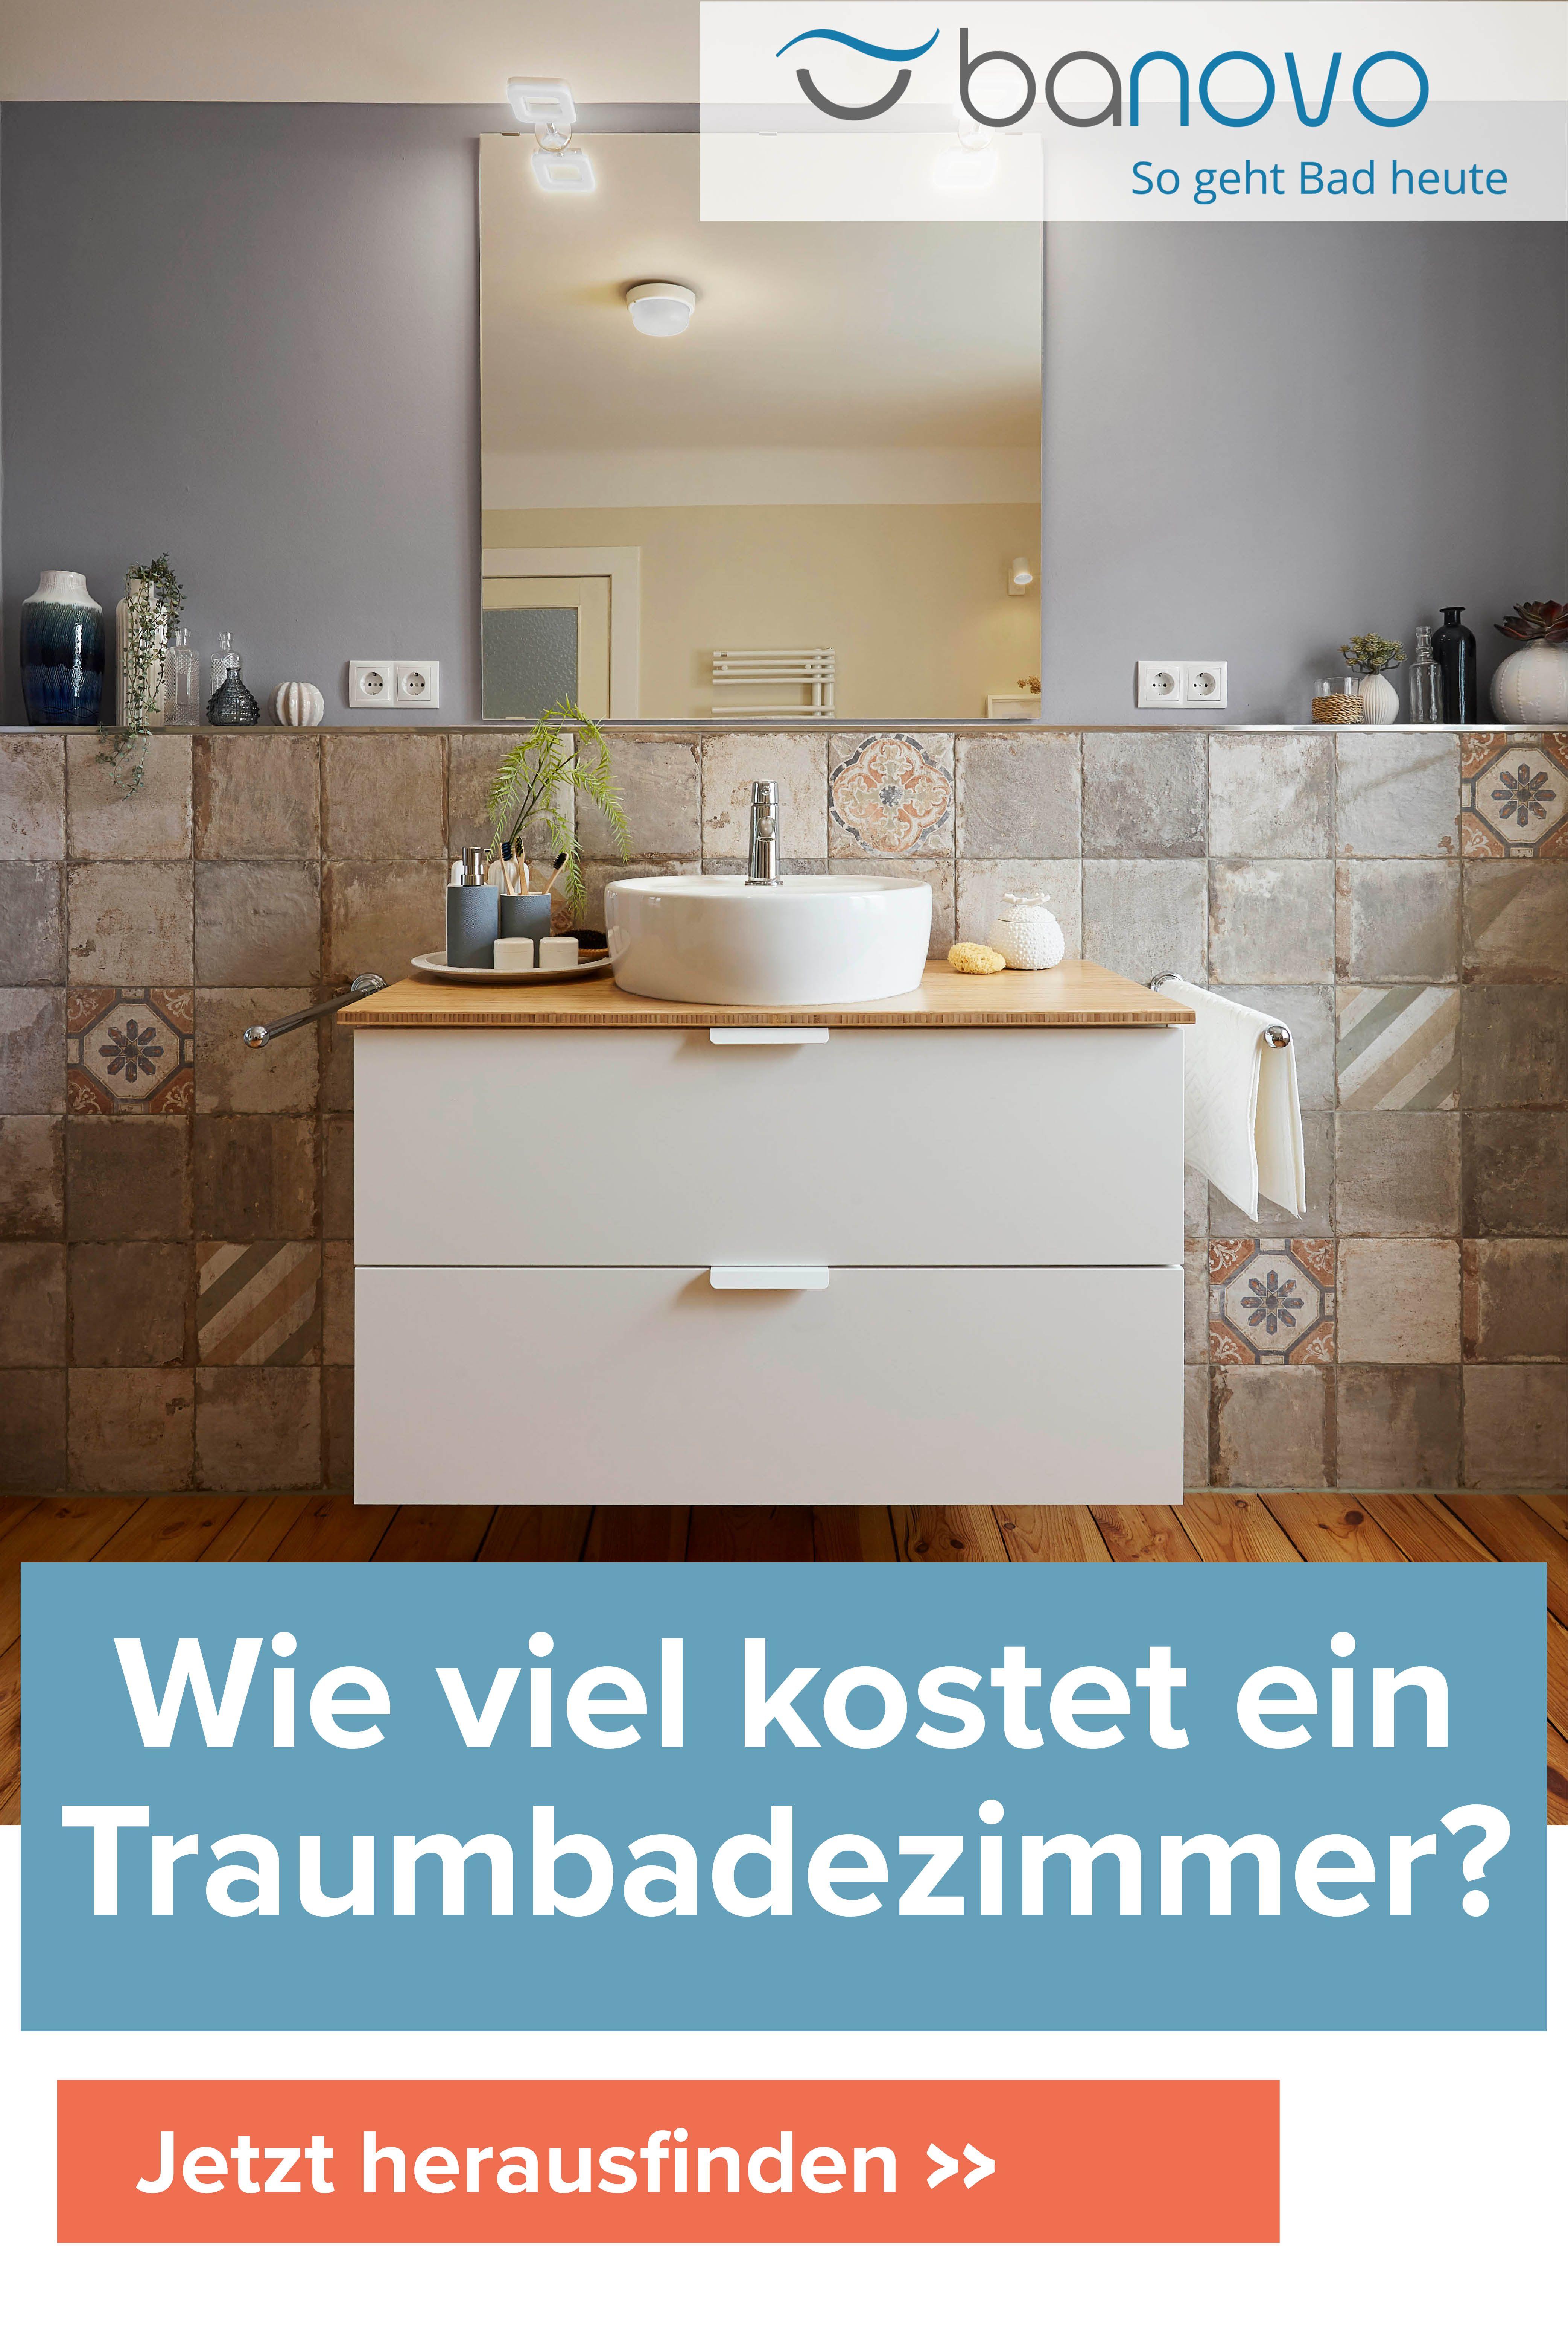 Der Preis Fur Ein Traumbad Werde Hier Fundig Kuchendekoration Einrichtungsideen Fur Kleine Raume Traumbad